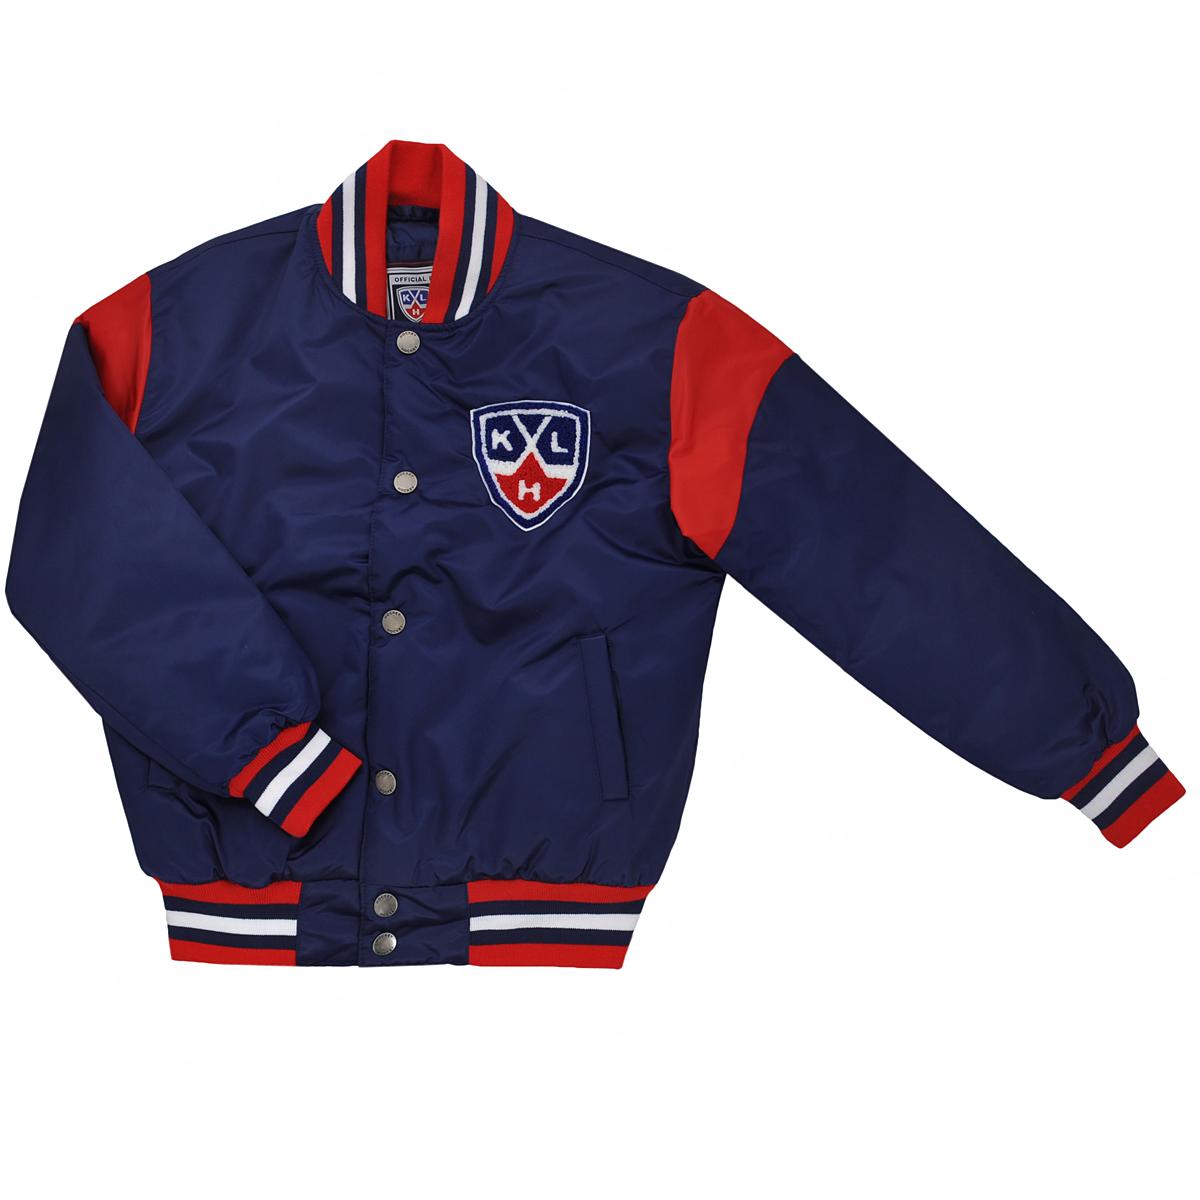 Куртка с логотипом ХК270510Спортивная детская куртка Atributika & Club подчеркнет индивидуальность вашего любителя хоккея. Модель с воротником-стойкой застегивается на металлические кнопки. Спереди куртка дополнена двумя прорезными карманами, застегивающимися на кнопки. Ворот куртки, манжеты рукавов и низ изделия дополнены эластичной трикотажной резинкой, которая препятствует проникновению холодного воздуха. Имеются два внутренних прорезных кармана. Модель оформлена контрастными вставками, цветными полосами на резинках и вышивкой на груди в виде логотипа КХЛ. Такая куртка станет прекрасным дополнением к гардеробу юного хоккейного болельщика!